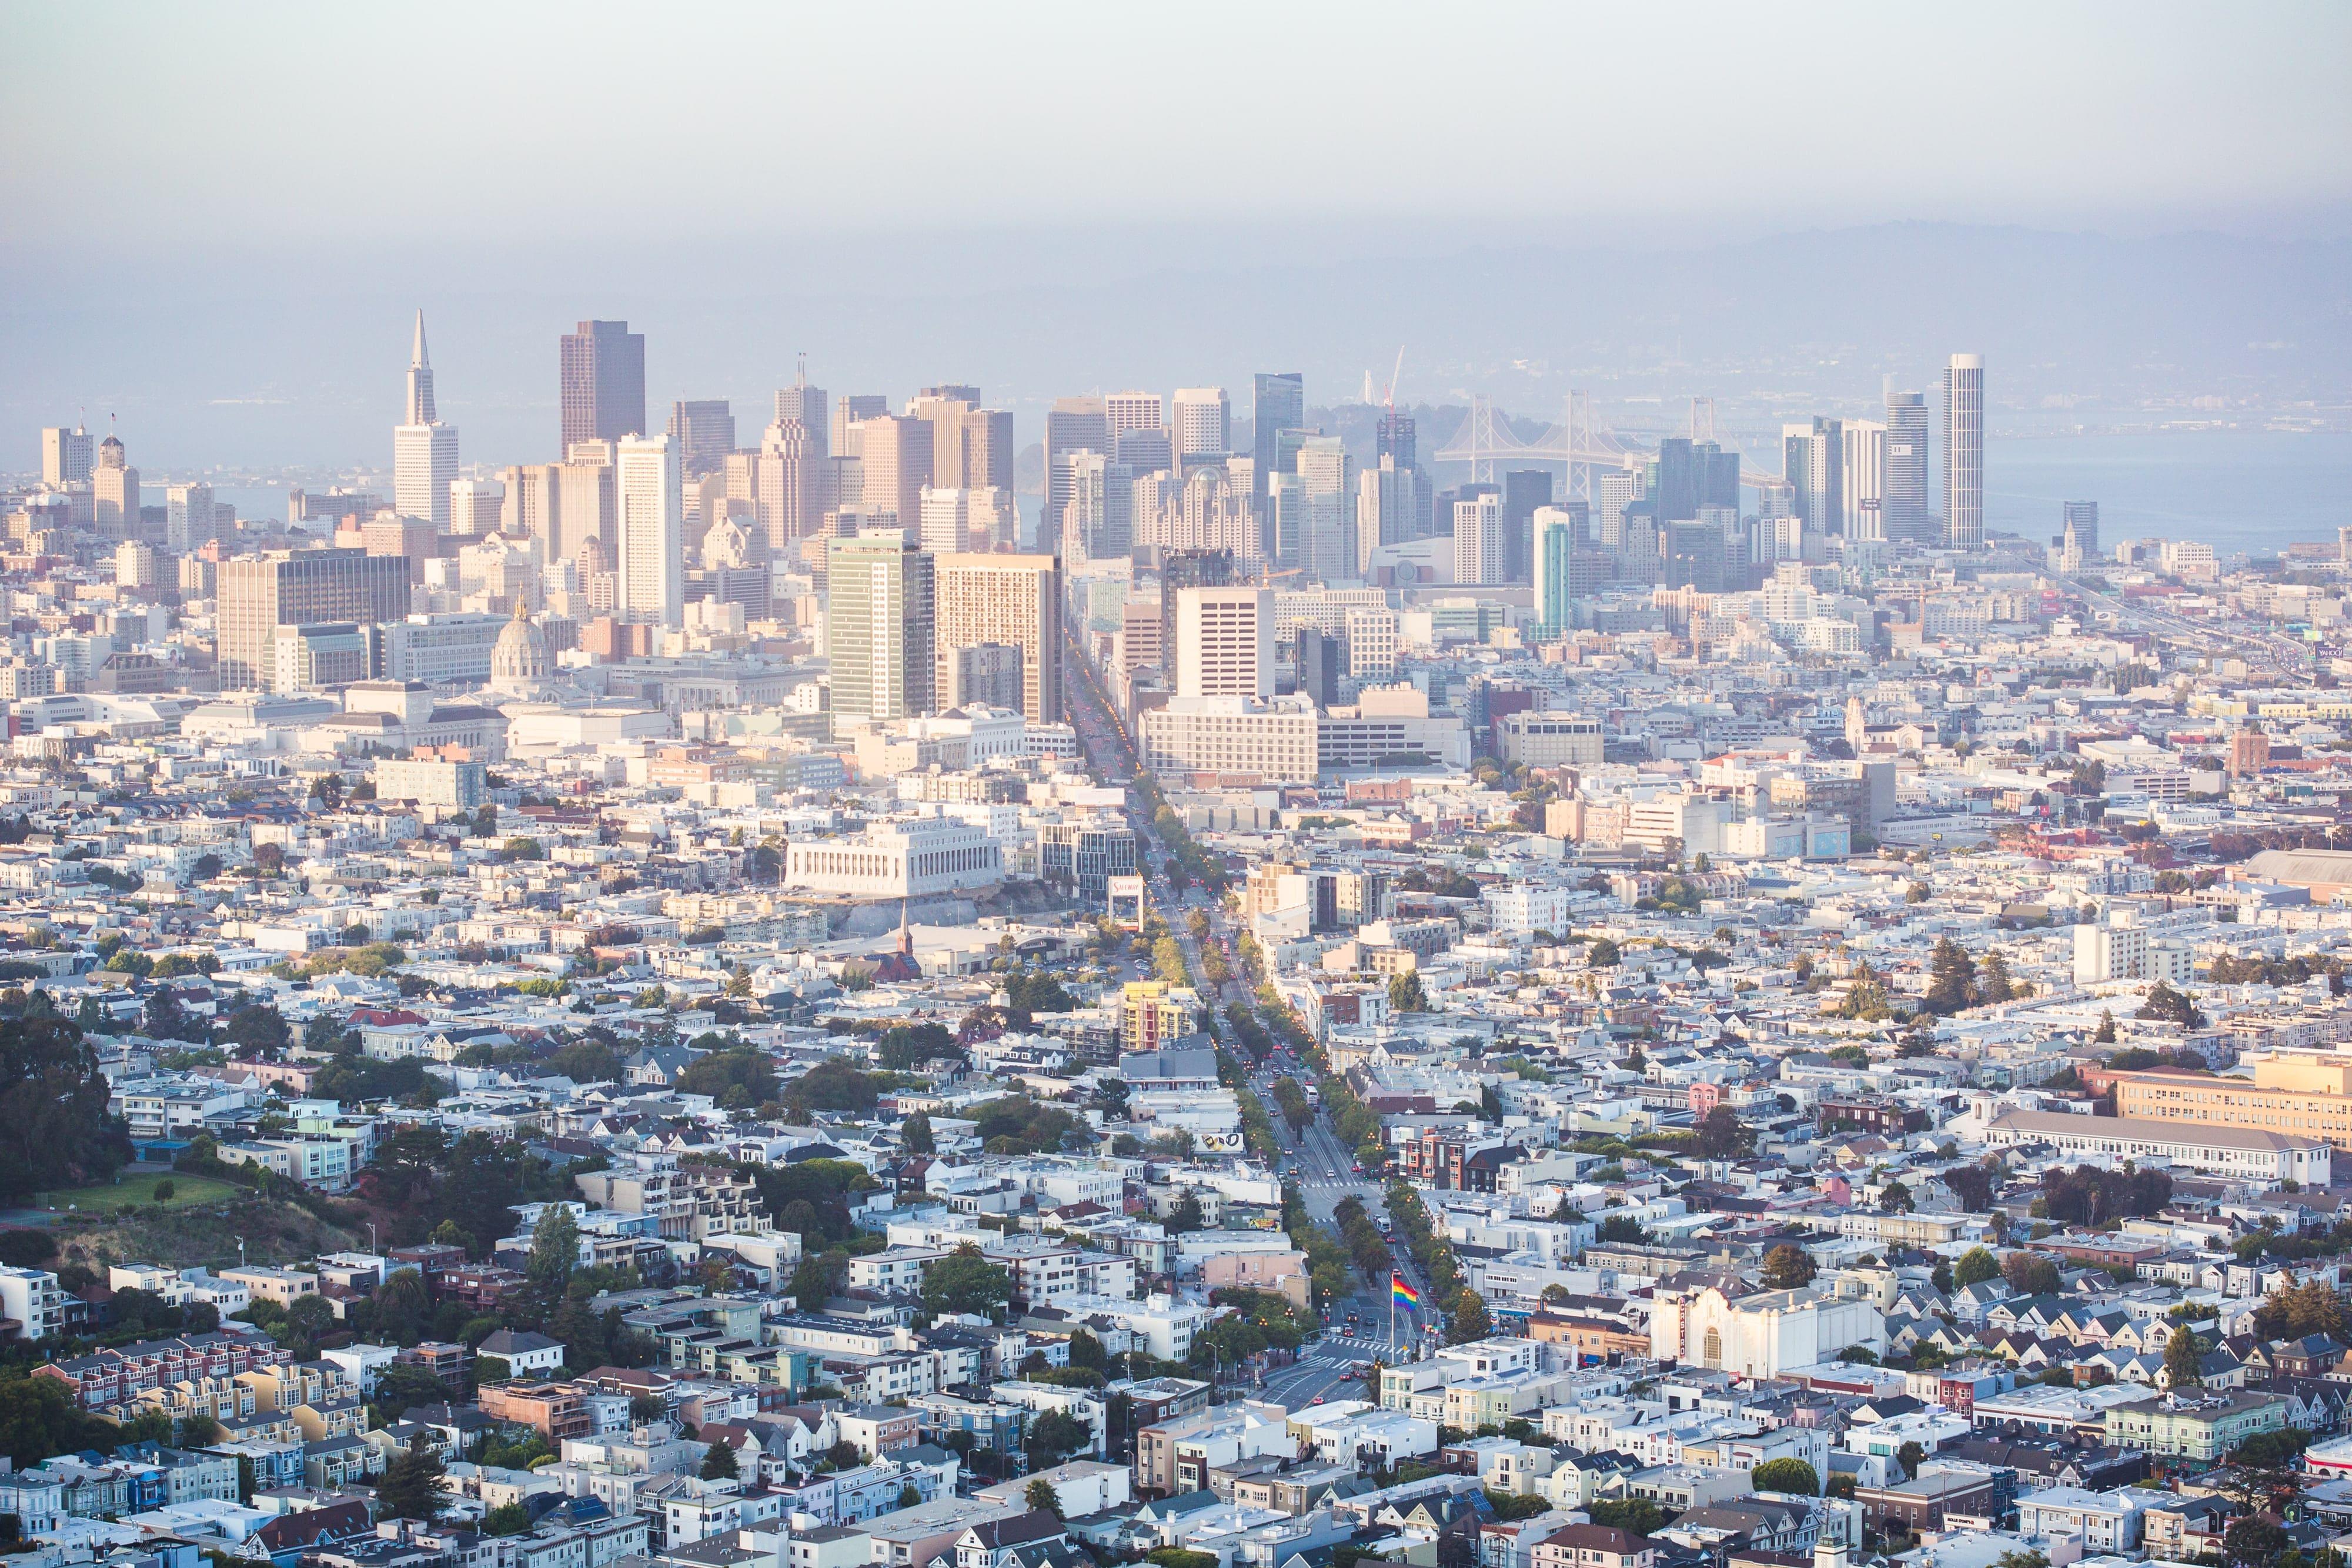 cityscape-view-of-financial-district-skyscrapers-in-san-francisco-california-picjumbo-com-min-min